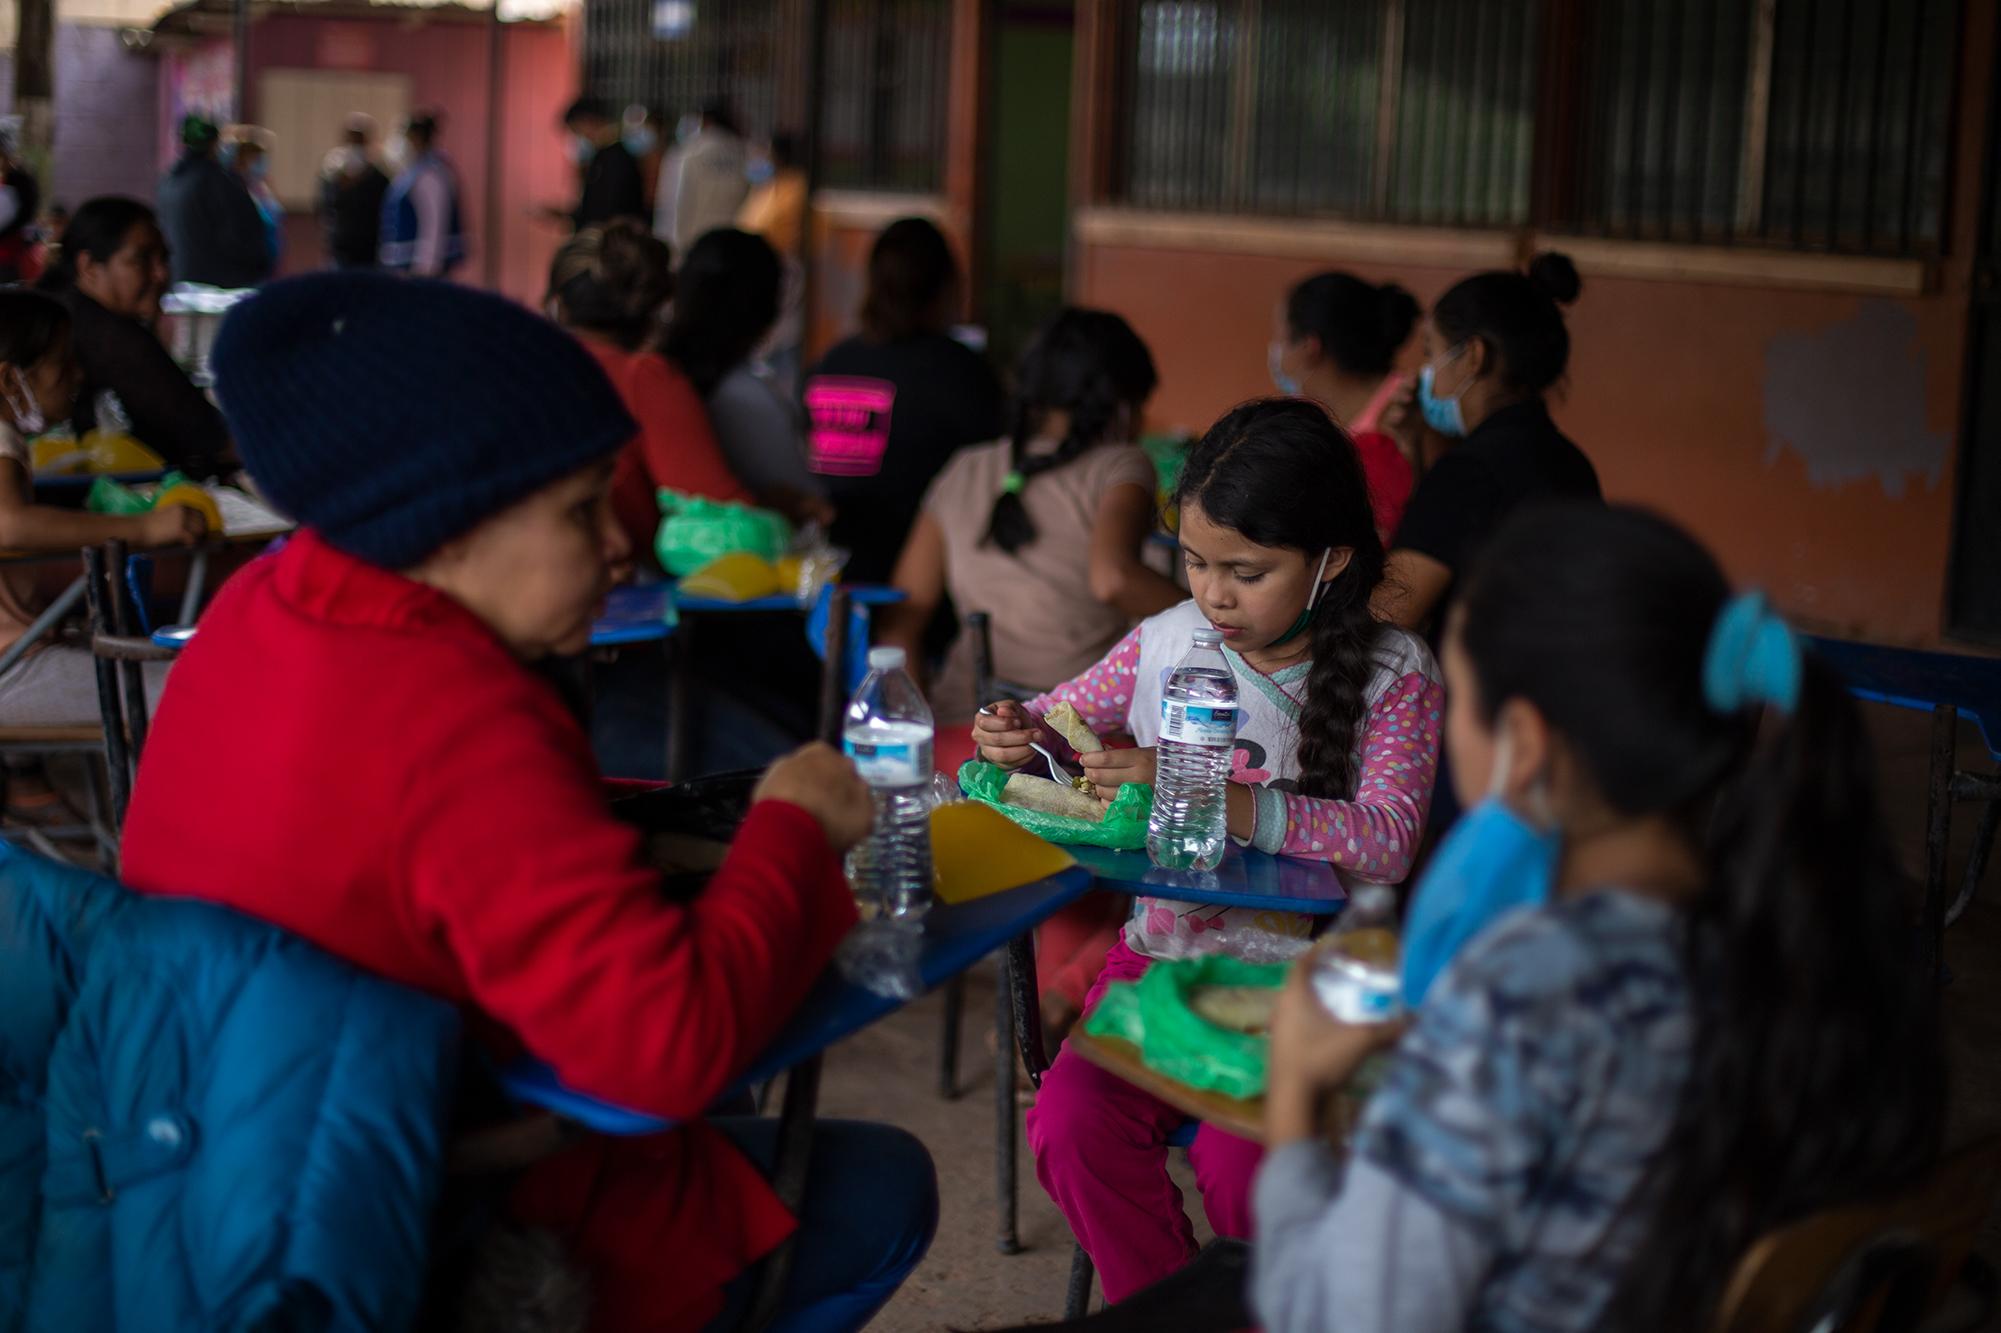 Una niña come junto a su familia en el albergue de la Escuela 17 de septiembre de la colonia Nueva Suyapa. Tegucigalpa, 5 de noviembre de 2020. Foto: Martín Cálix.